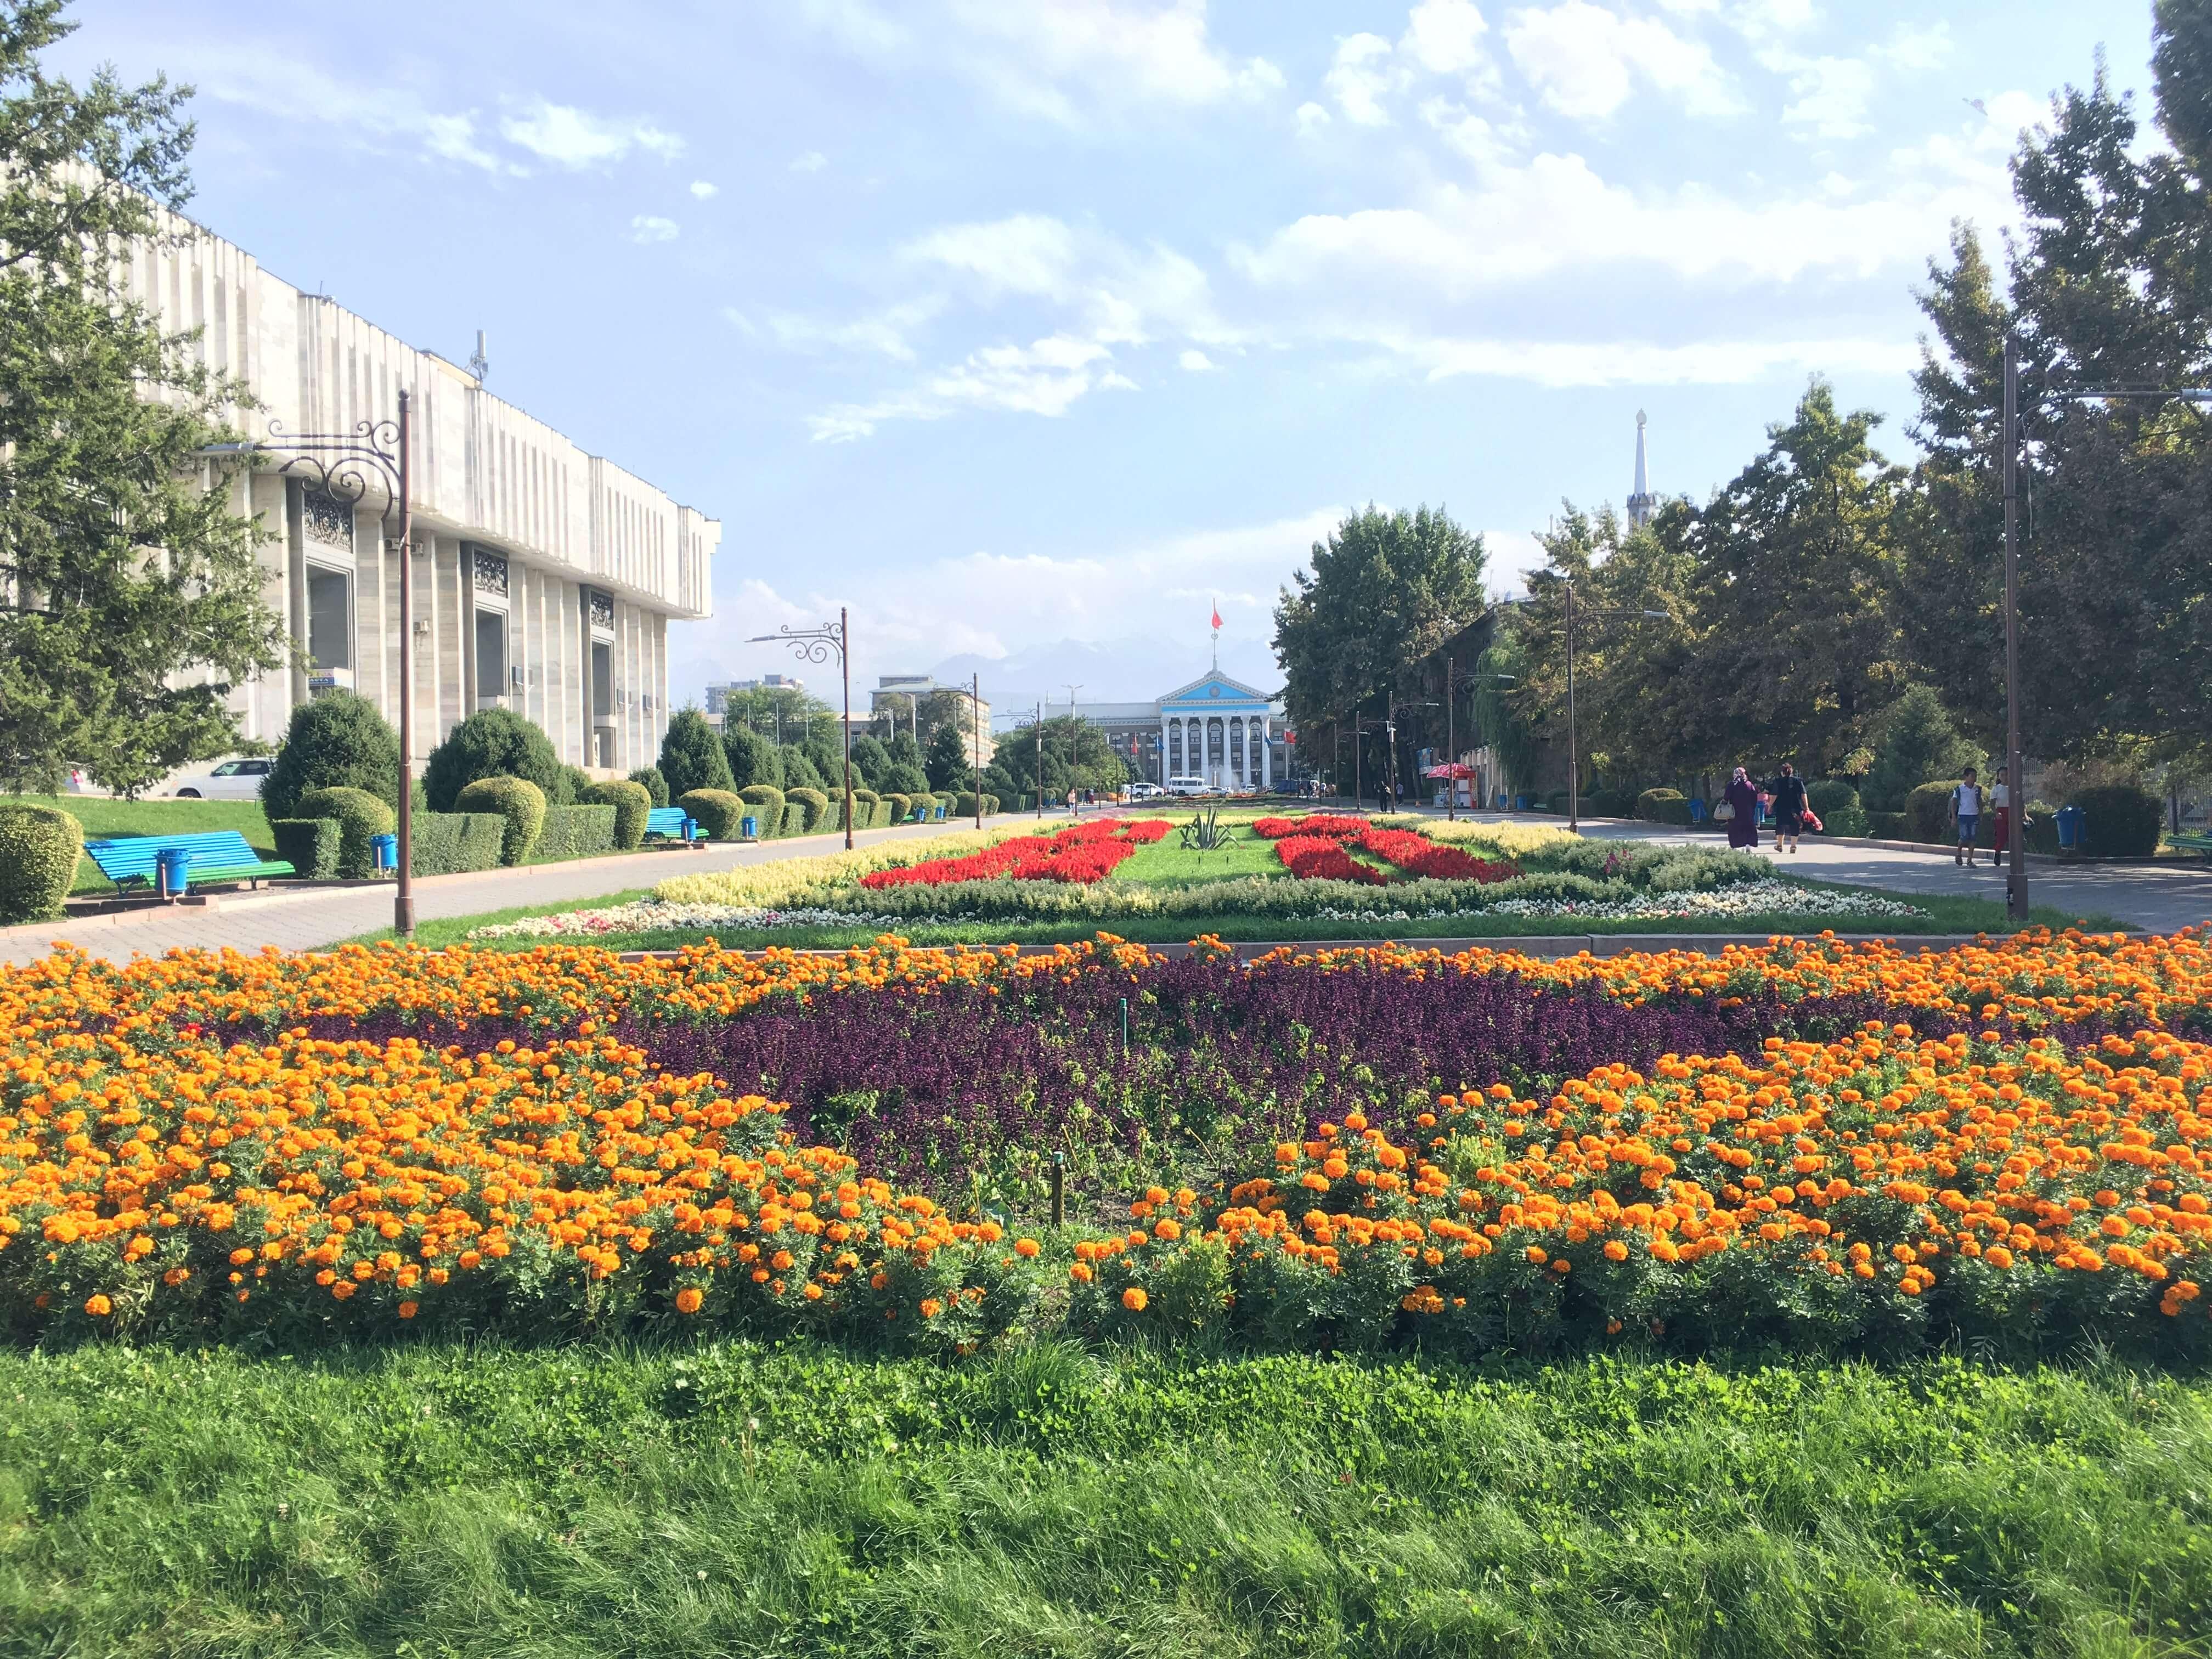 Долутегравир рекомендован для всех. В Кыргызстане обновлены протоколы лечения ВИЧ-инфекции - изображение 1